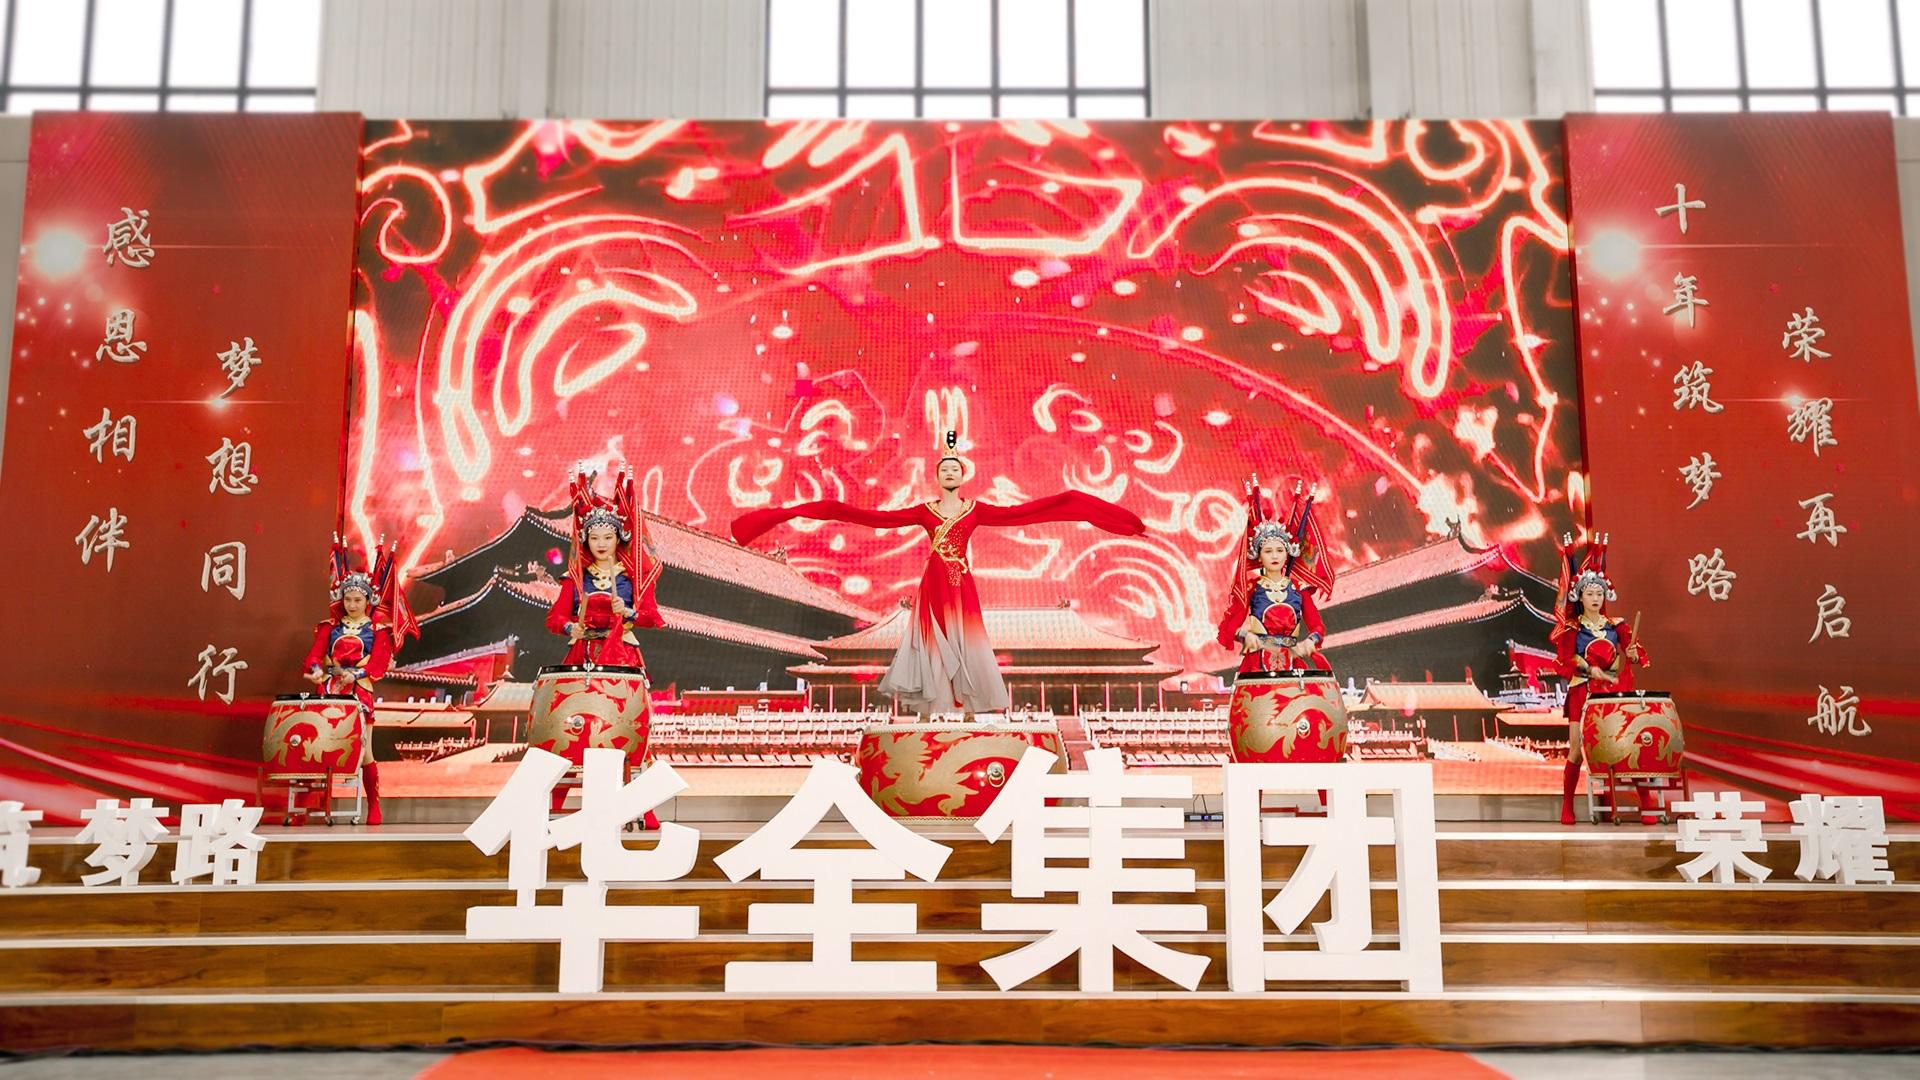 华全集团十周年庆典活动 ———《开场鼓》